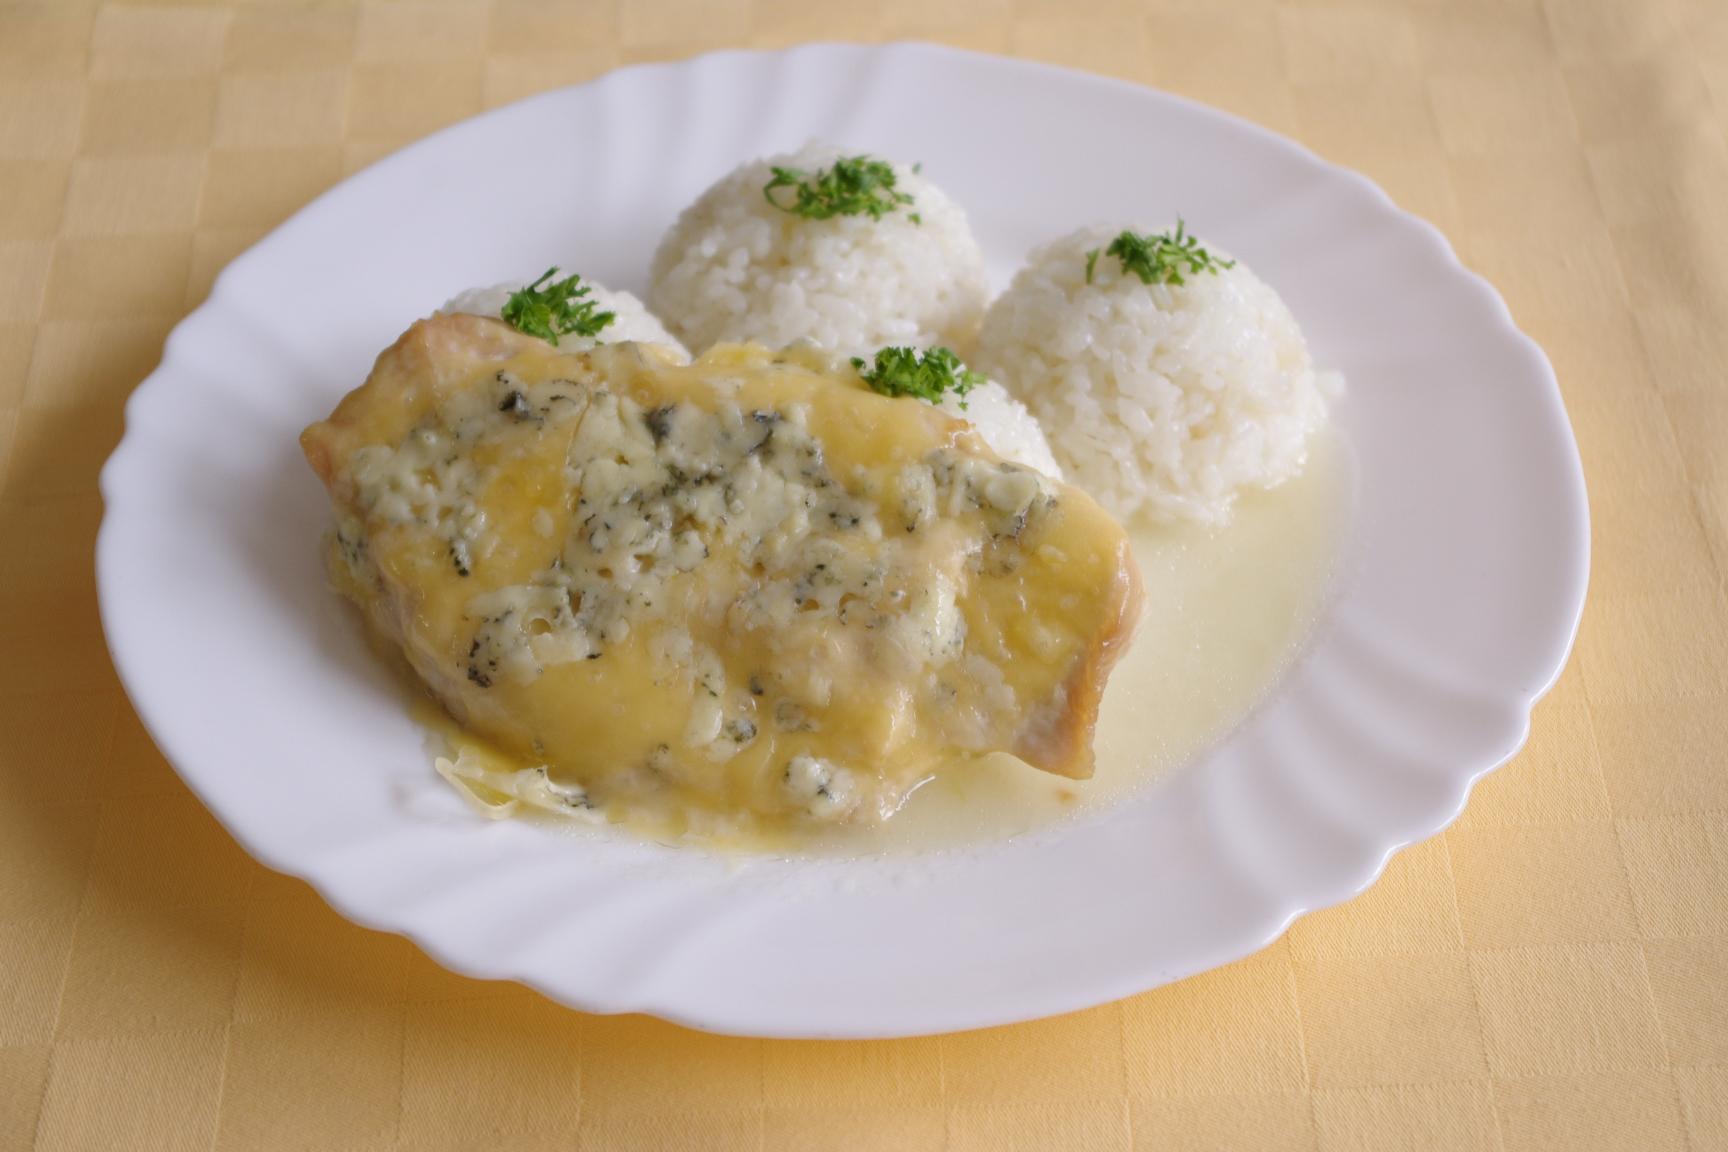 Morčacie prsia zapečené so syrom niva, ryža